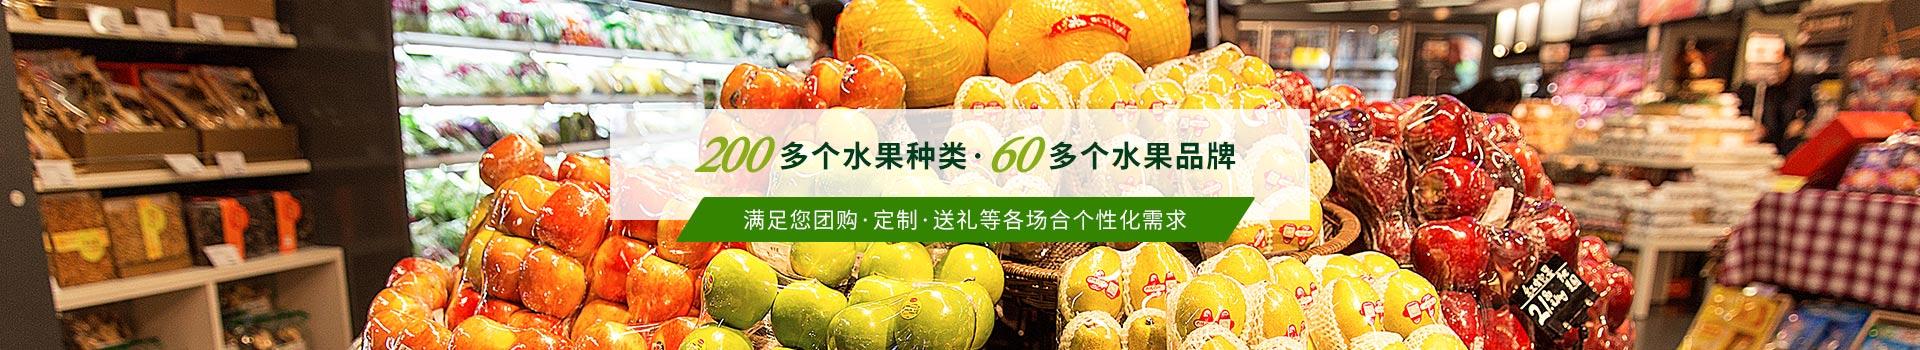 200多个水果种类  60多个水果品牌